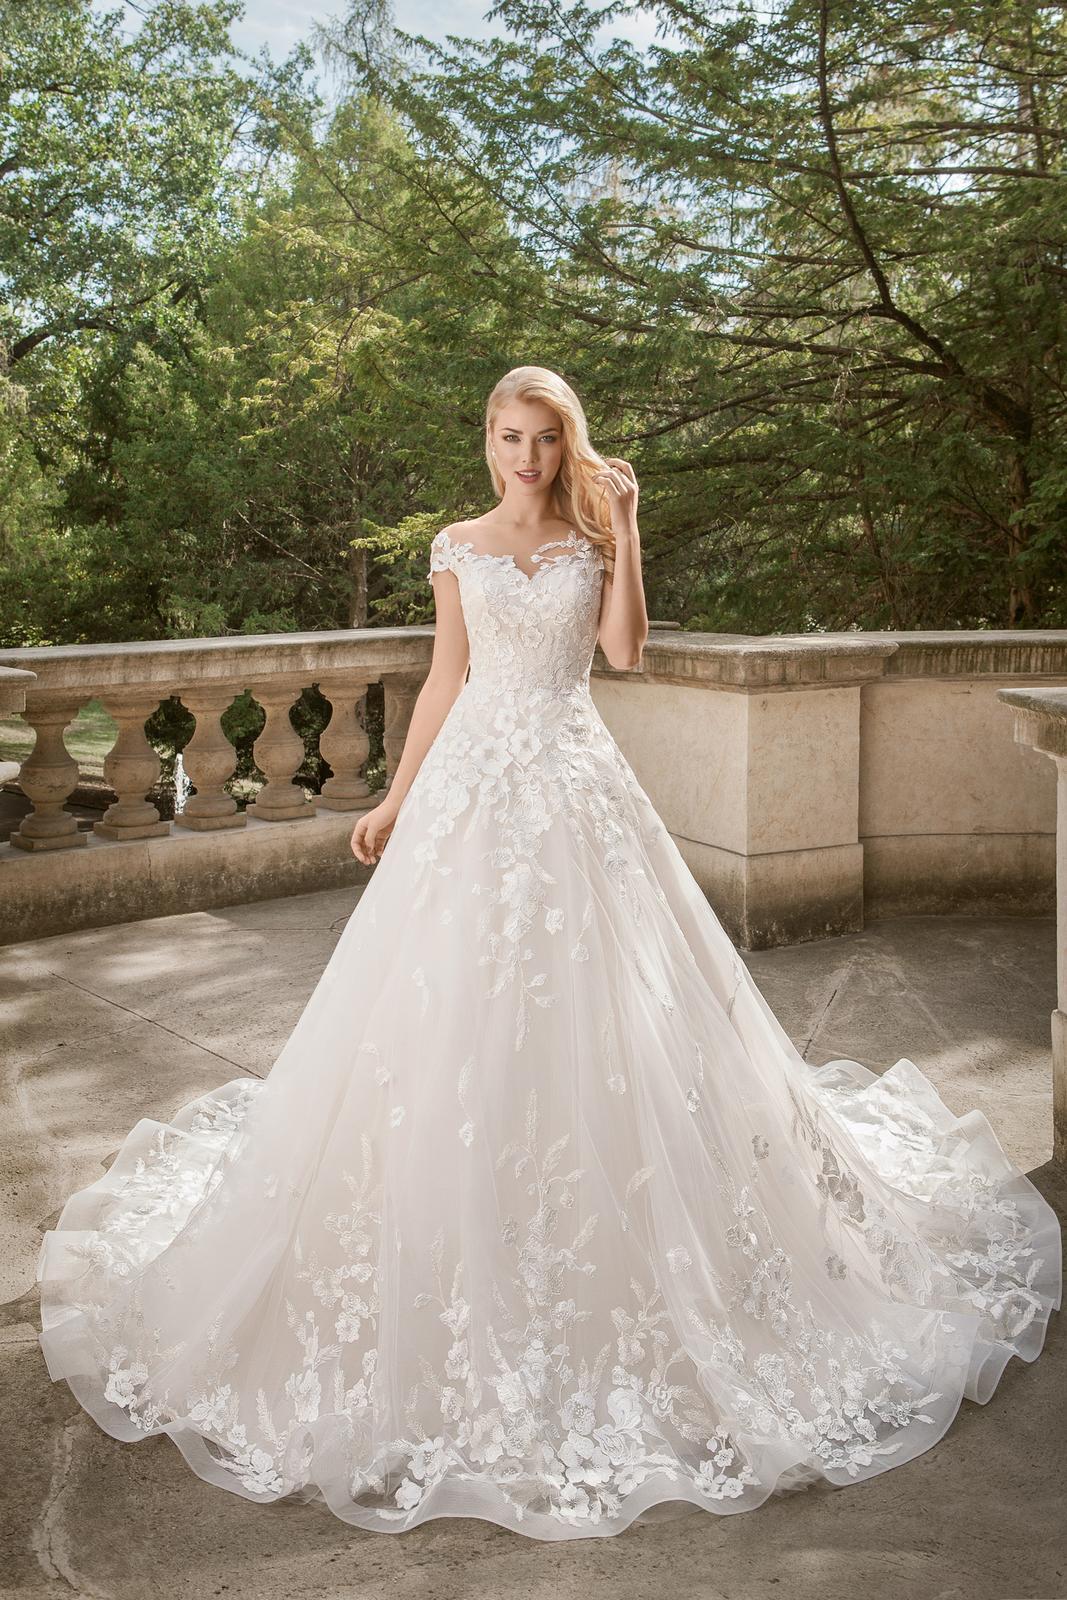 Nová kolekce romantických šatů u nás! - Obrázek č. 1